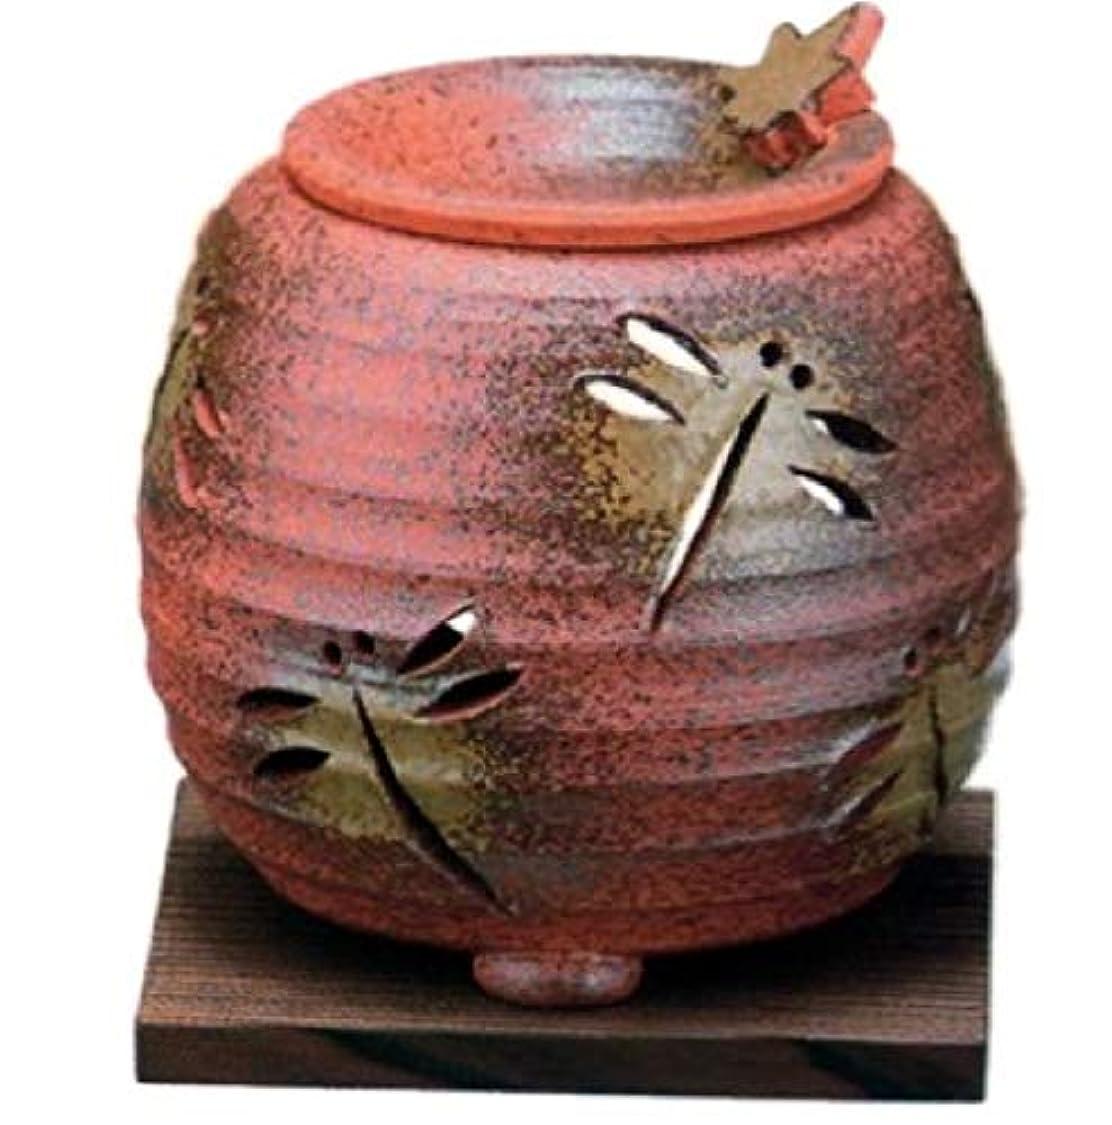 ランダム奇妙な前提条件常滑焼 3-830 石龍焼〆千段トンボ茶香炉 石龍φ11×H11㎝